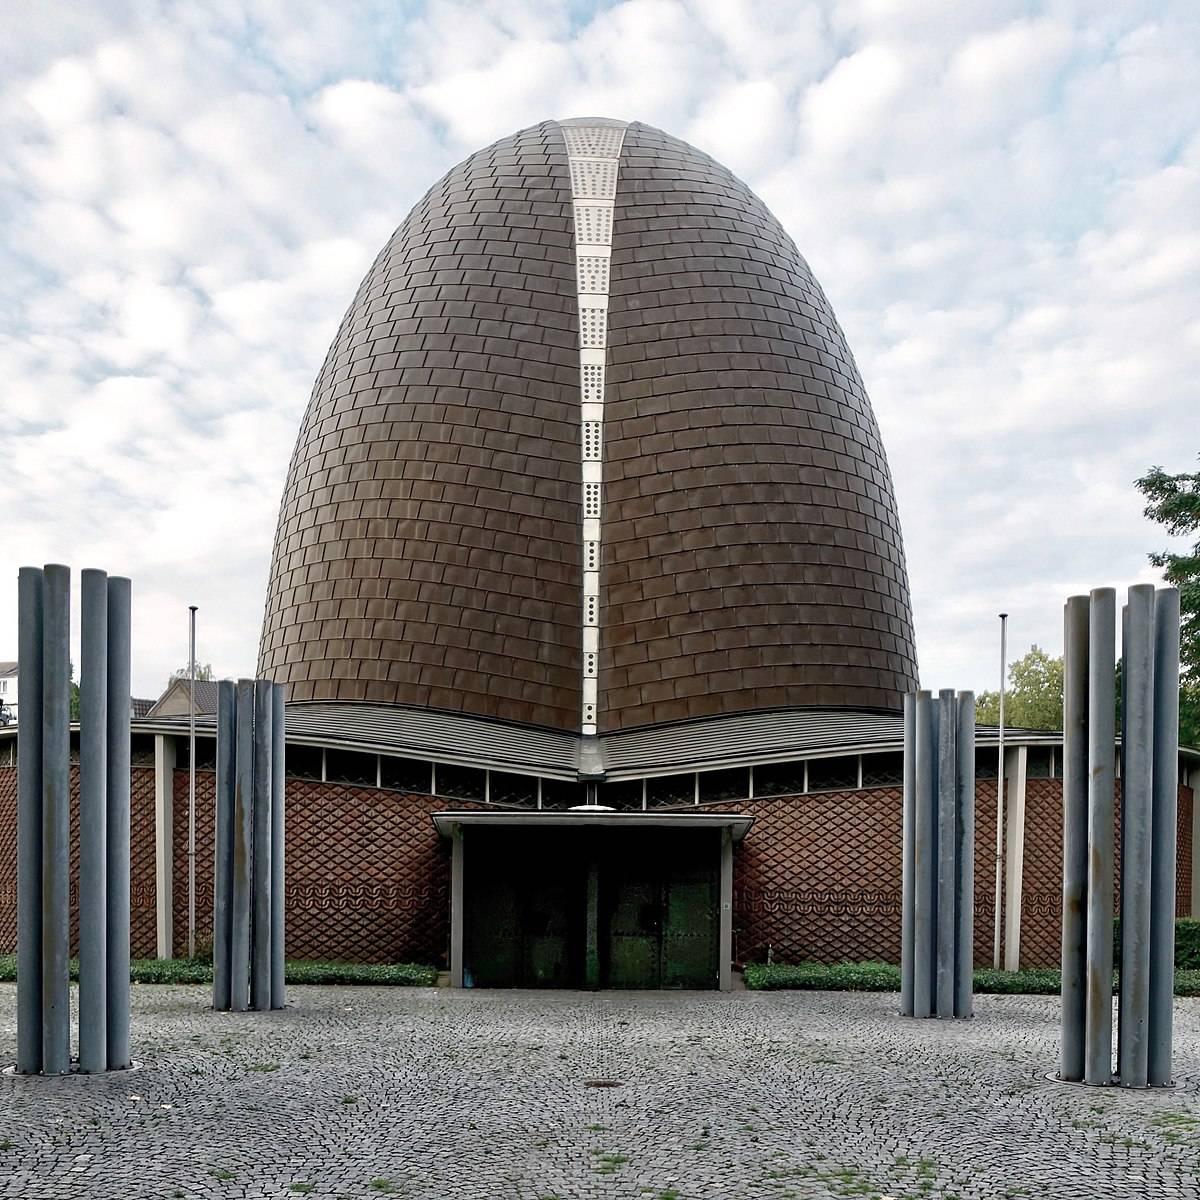 Церкви в дюссельдорфе (германия) - описание и фото